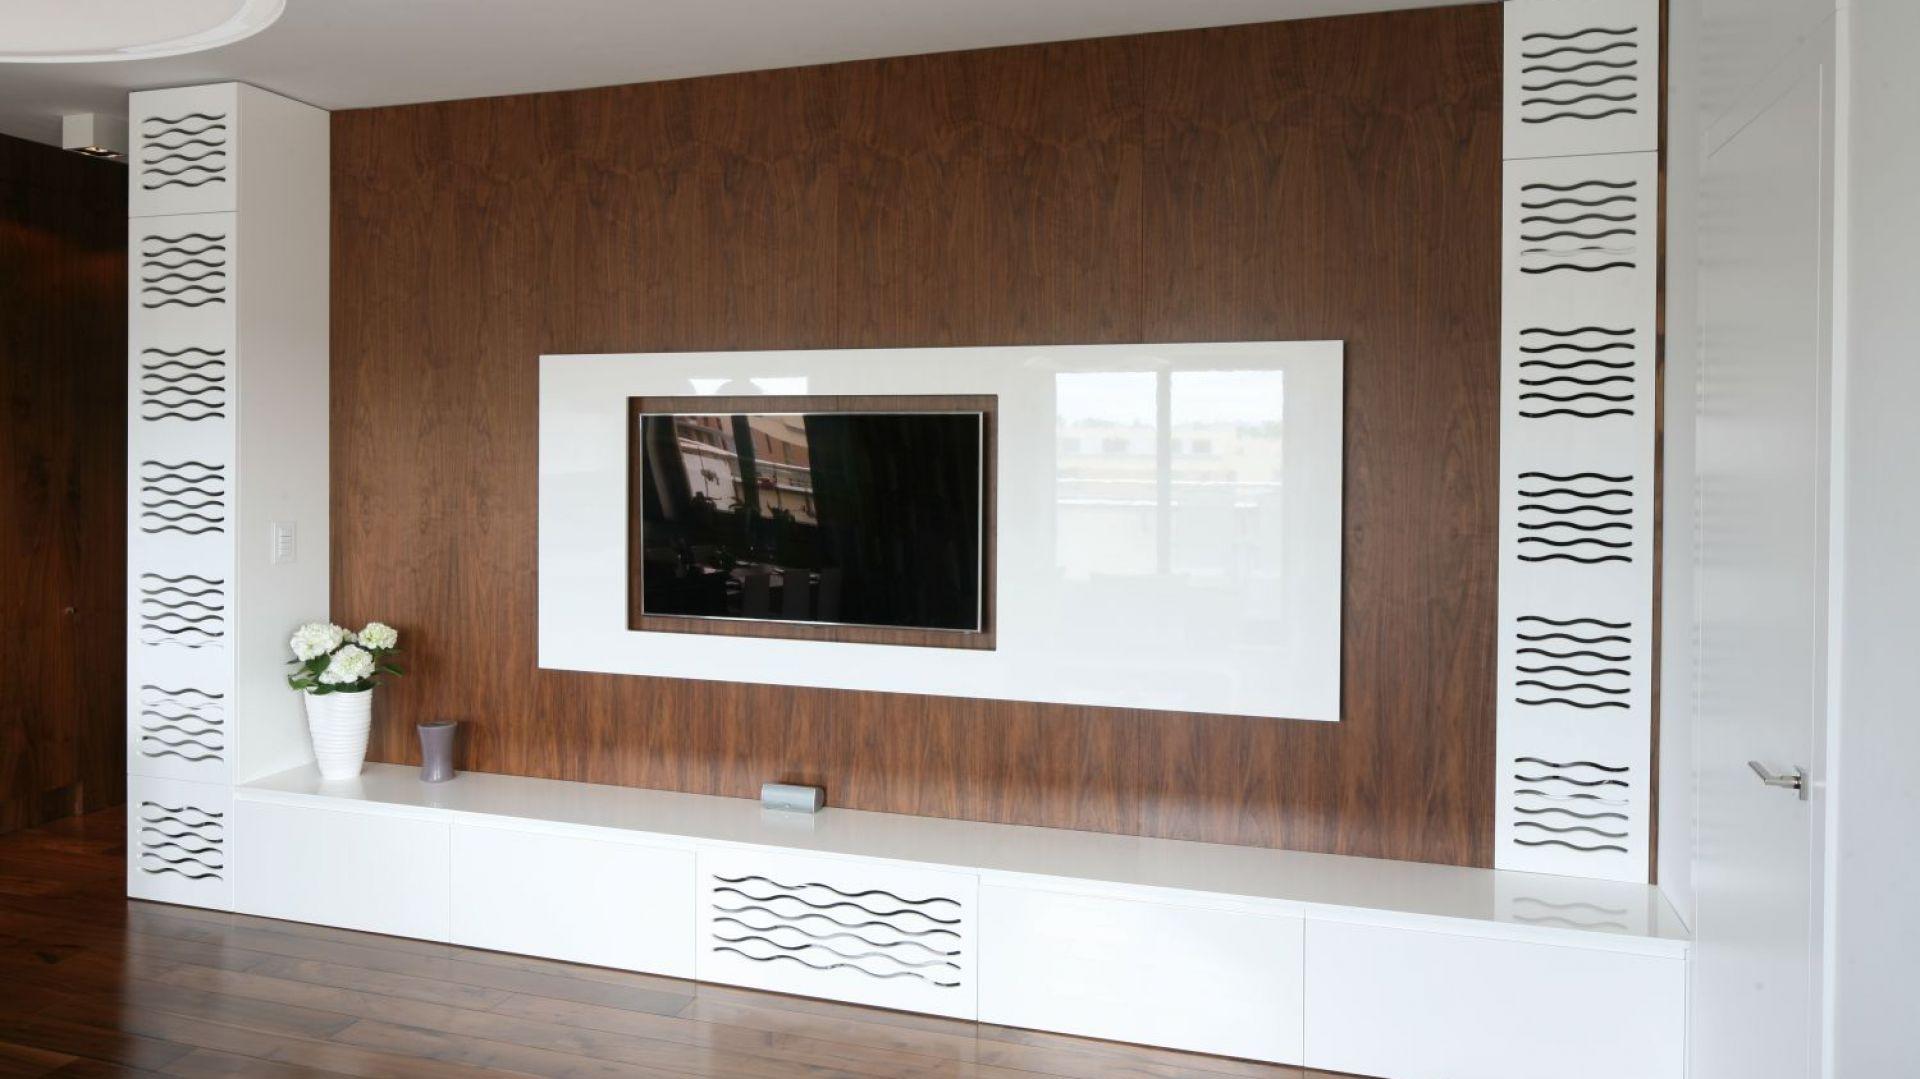 Ściana telewizyjna oparta na kontraście zimnej bieli na wysoki połysk oraz ciepłego drewna. Projekt Agnieszka Ludwinowska. Fot. Bartosz Jarosz